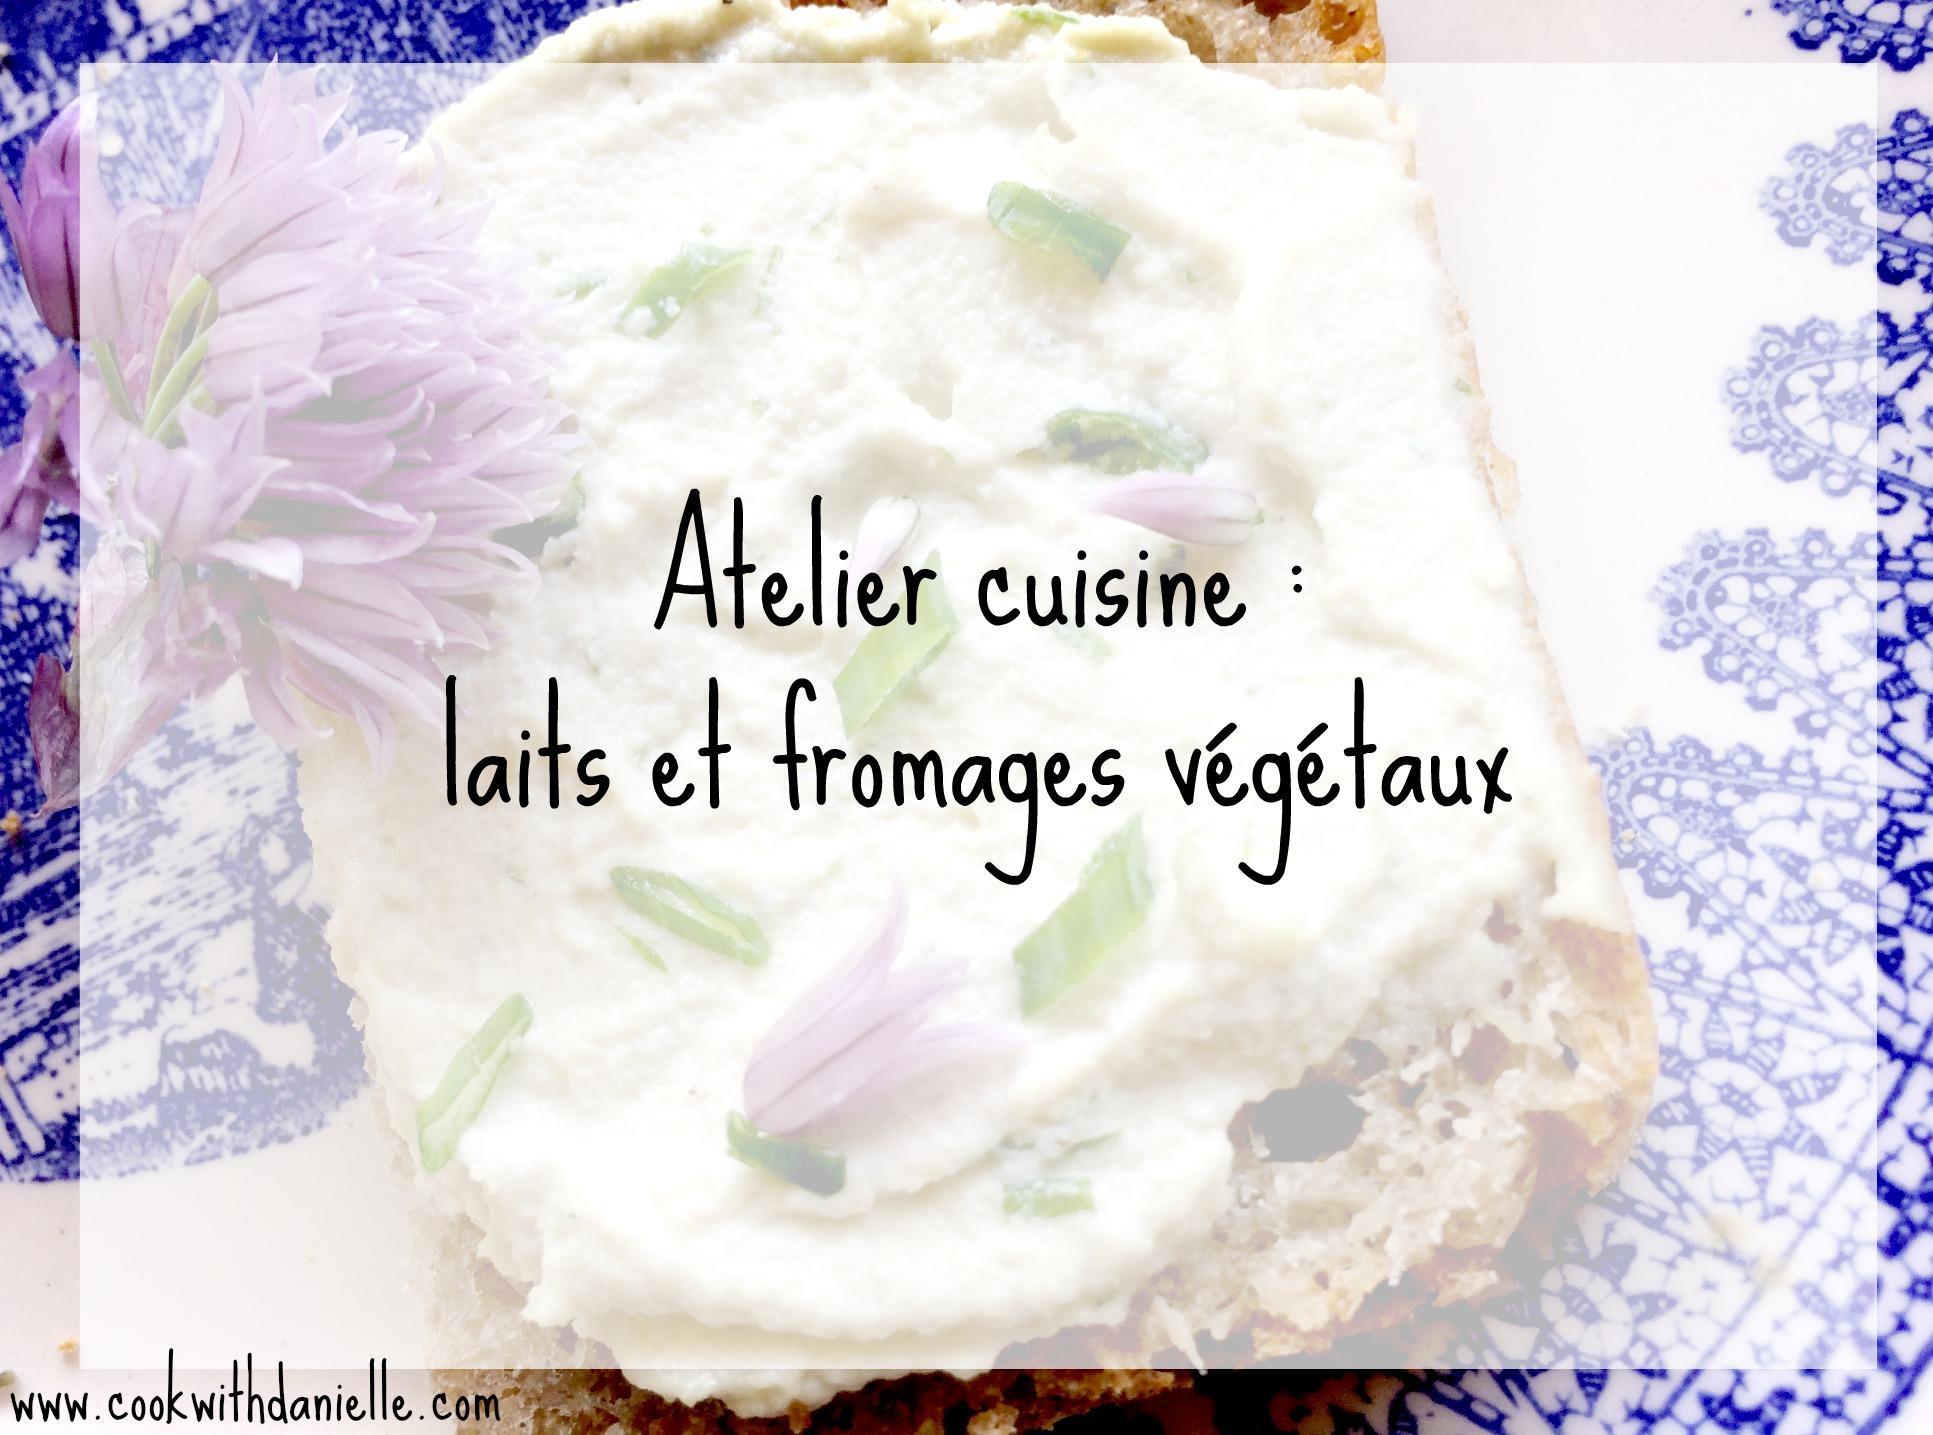 Atelier cuisine : laits et fromages végétaux